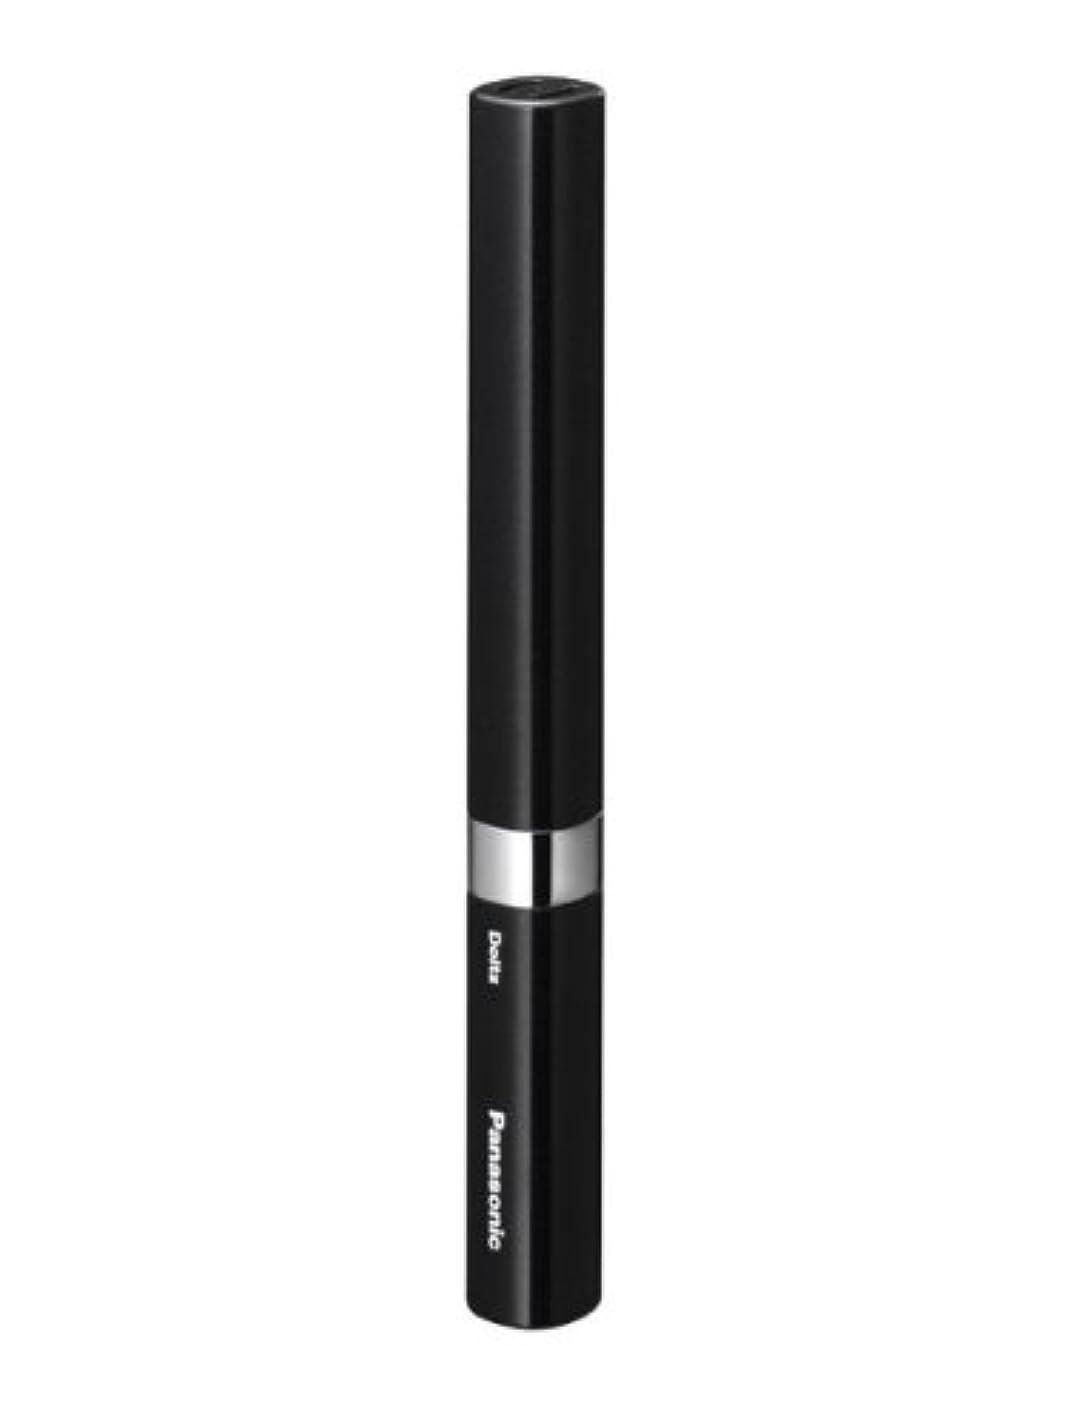 規制するたまに大通りパナソニック 音波振動ハブラシ ポケットドルツ 黒 EW-DS14-K